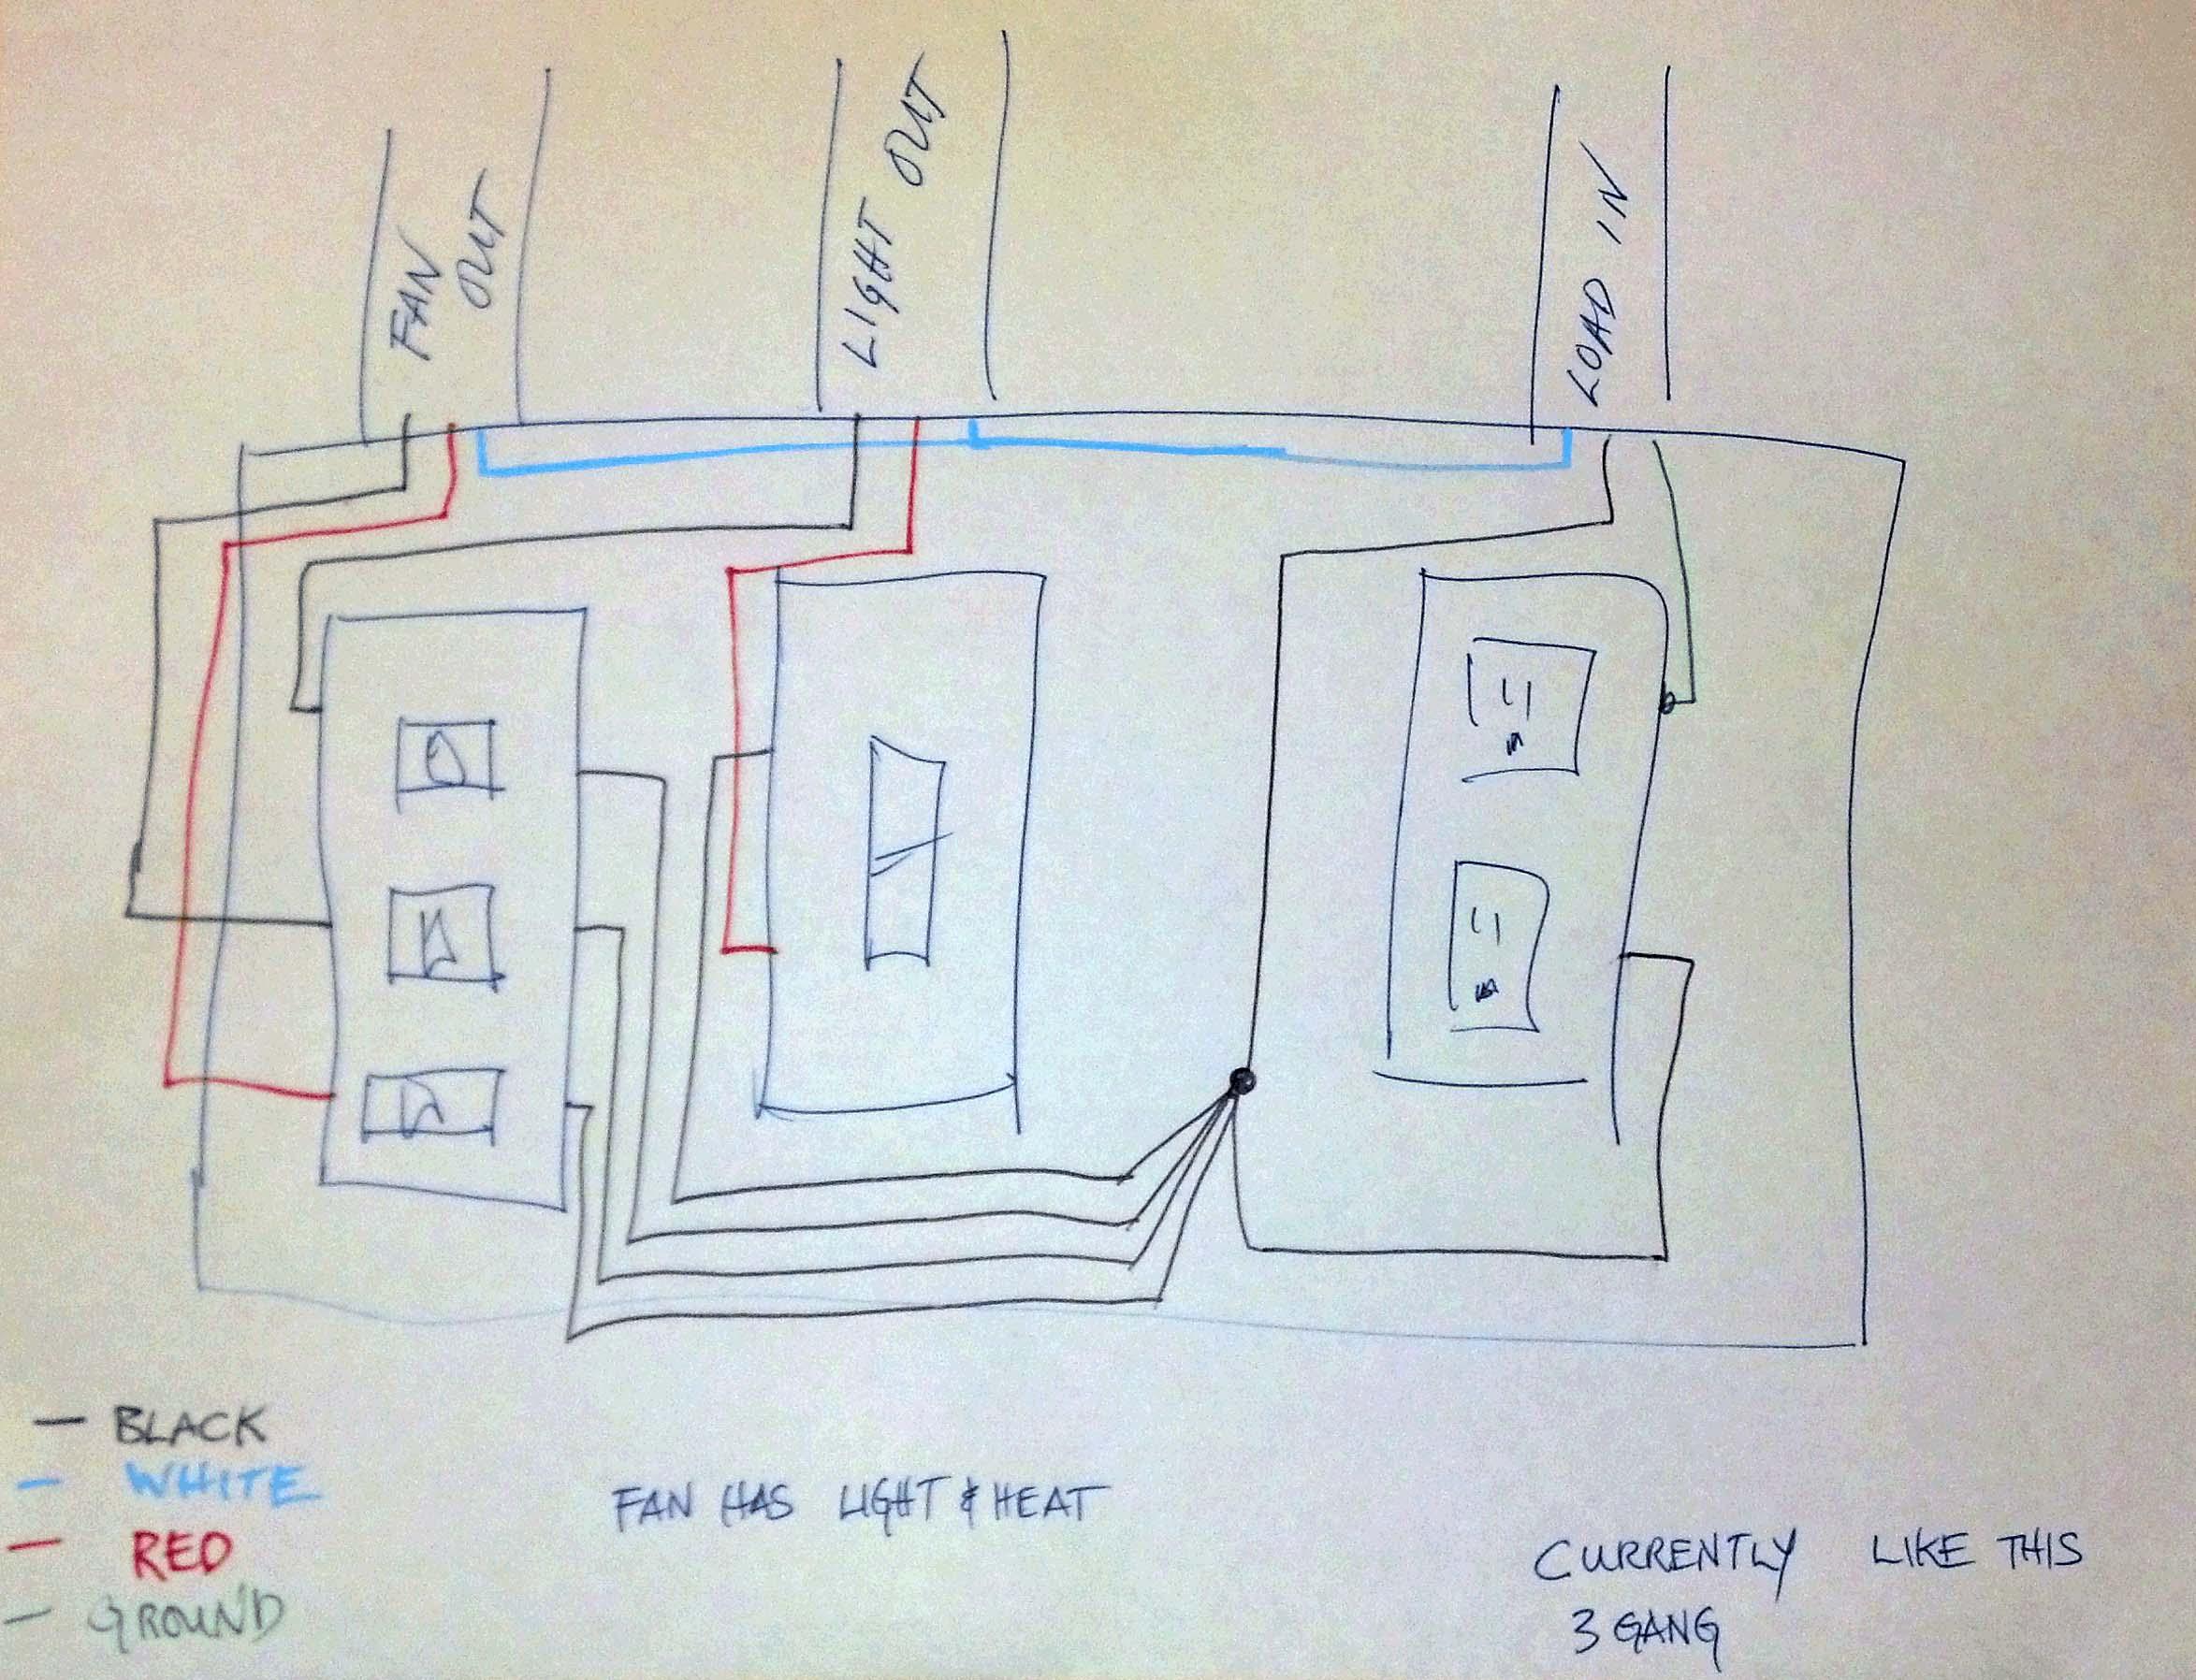 bath exhaust fan light wiring diagram mn 1326  heat lamp wiring diagram along with bathroom exhaust fans  mn 1326  heat lamp wiring diagram along